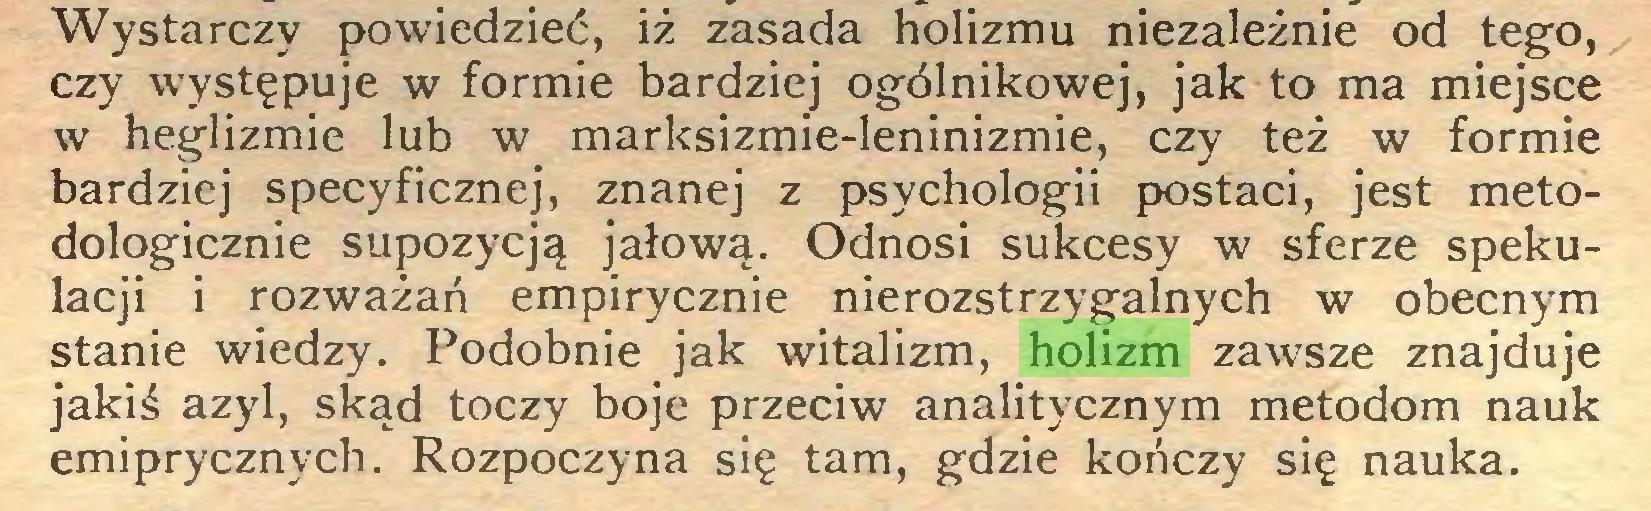 (...) Wystarczy powiedzieć, iż zasada holizmu niezależnie od tego, czy występuje w formie bardziej ogólnikowej, jak to ma miejsce w heglizmie lub w marksizmie-leninizmie, czy też w formie bardziej specyficznej, znanej z psychologii postaci, jest metodologicznie supozycją jałową. Odnosi sukcesy w sferze spekulacji i rozważań empirycznie nierozstrzygalnych w obecnym stanie wiedzy. Podobnie jak witalizm, holizm zawsze znajduje jakiś azyl, skąd toczy boje przeciw analitycznym metodom nauk emiprycznych. Rozpoczyna się tam, gdzie kończy się nauka...